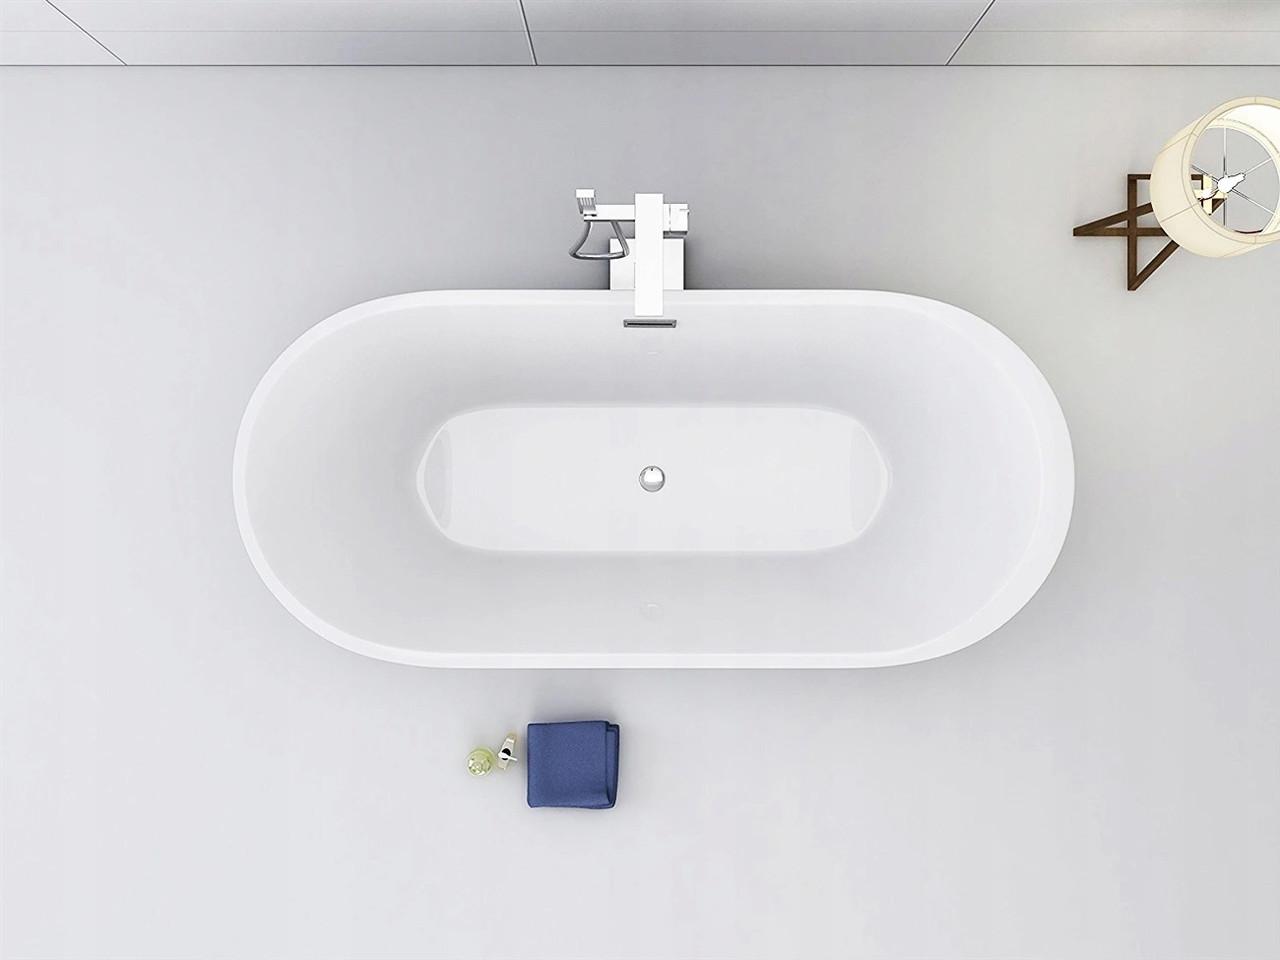 купить акриловую краску для ванной